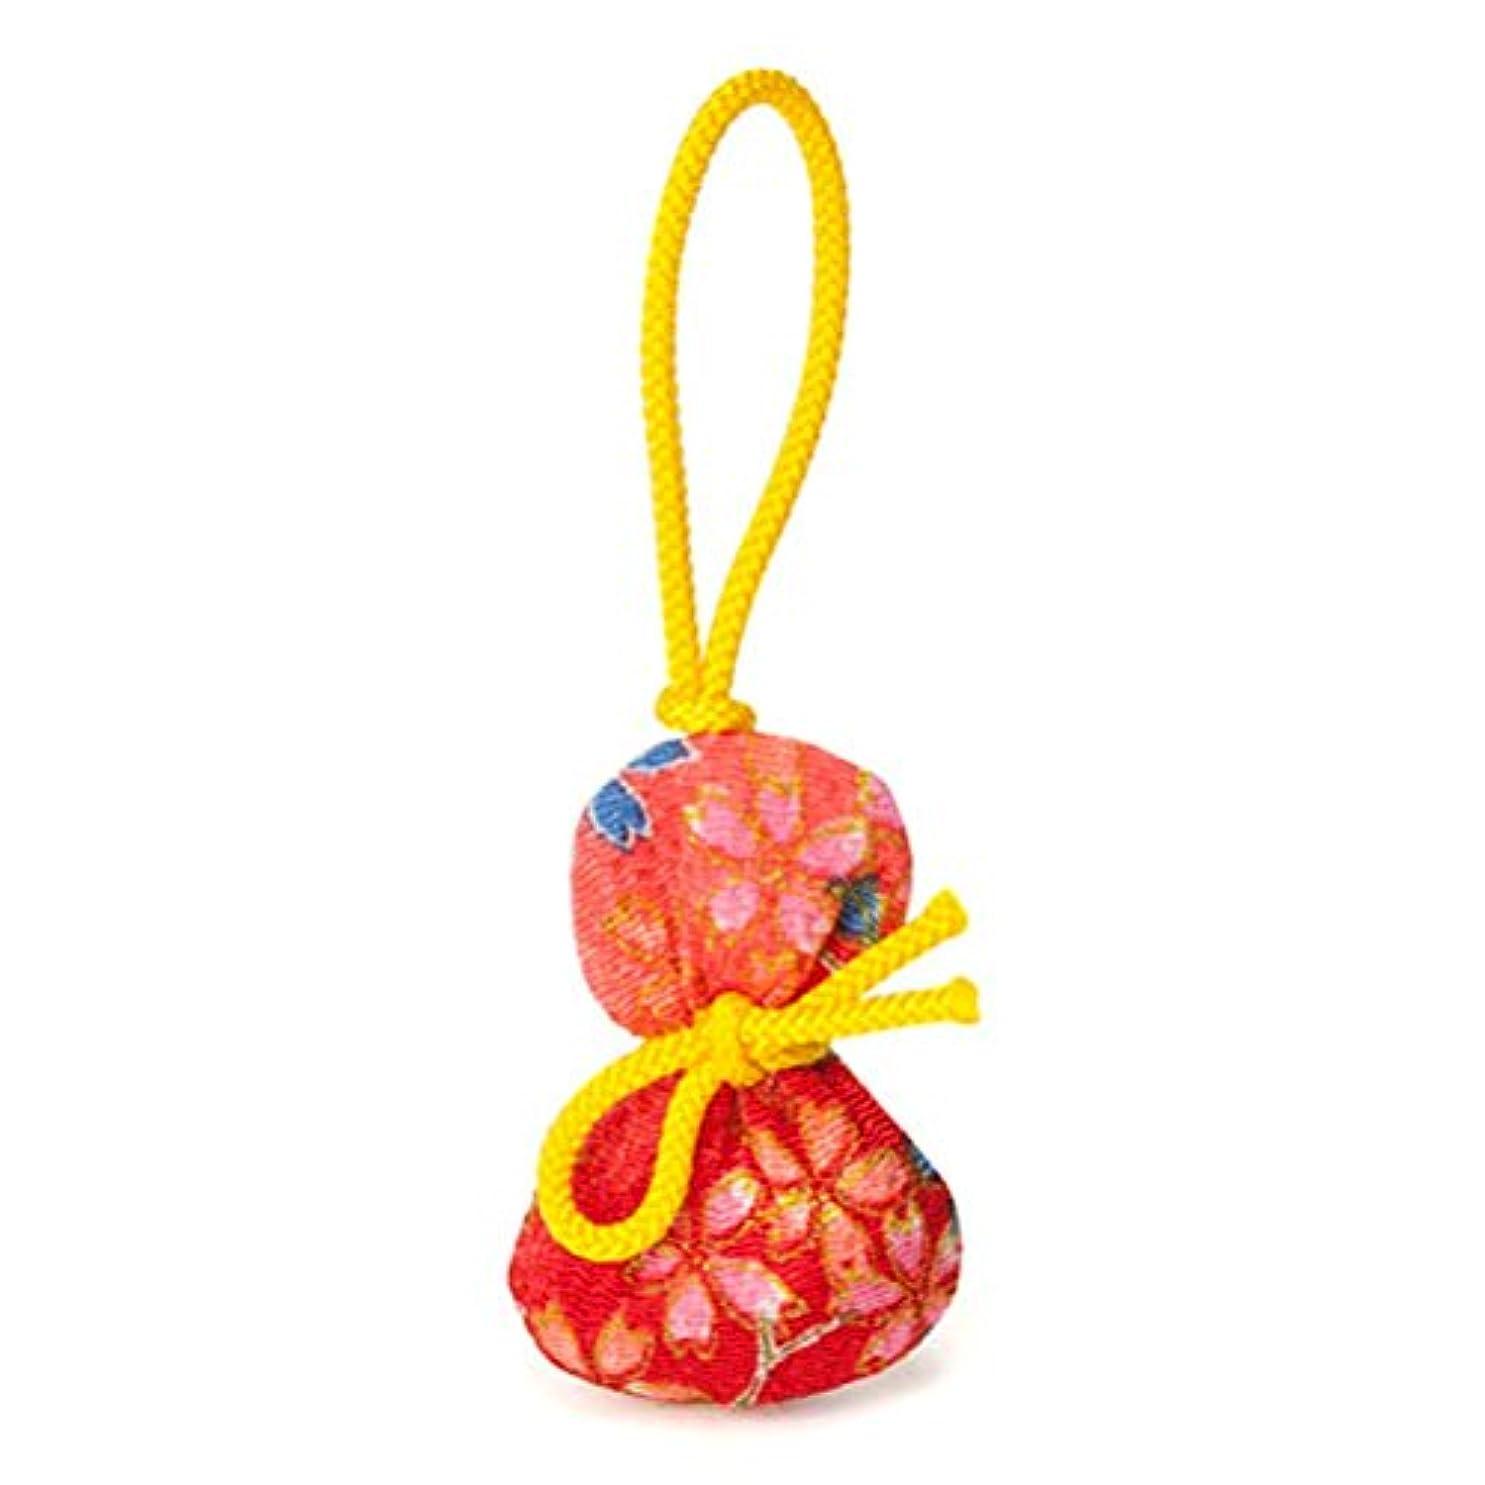 不安定同情的指定松栄堂 匂い袋 誰が袖 ふくべ 1個入 ケースなし (柄か無地をお選びください) (柄)